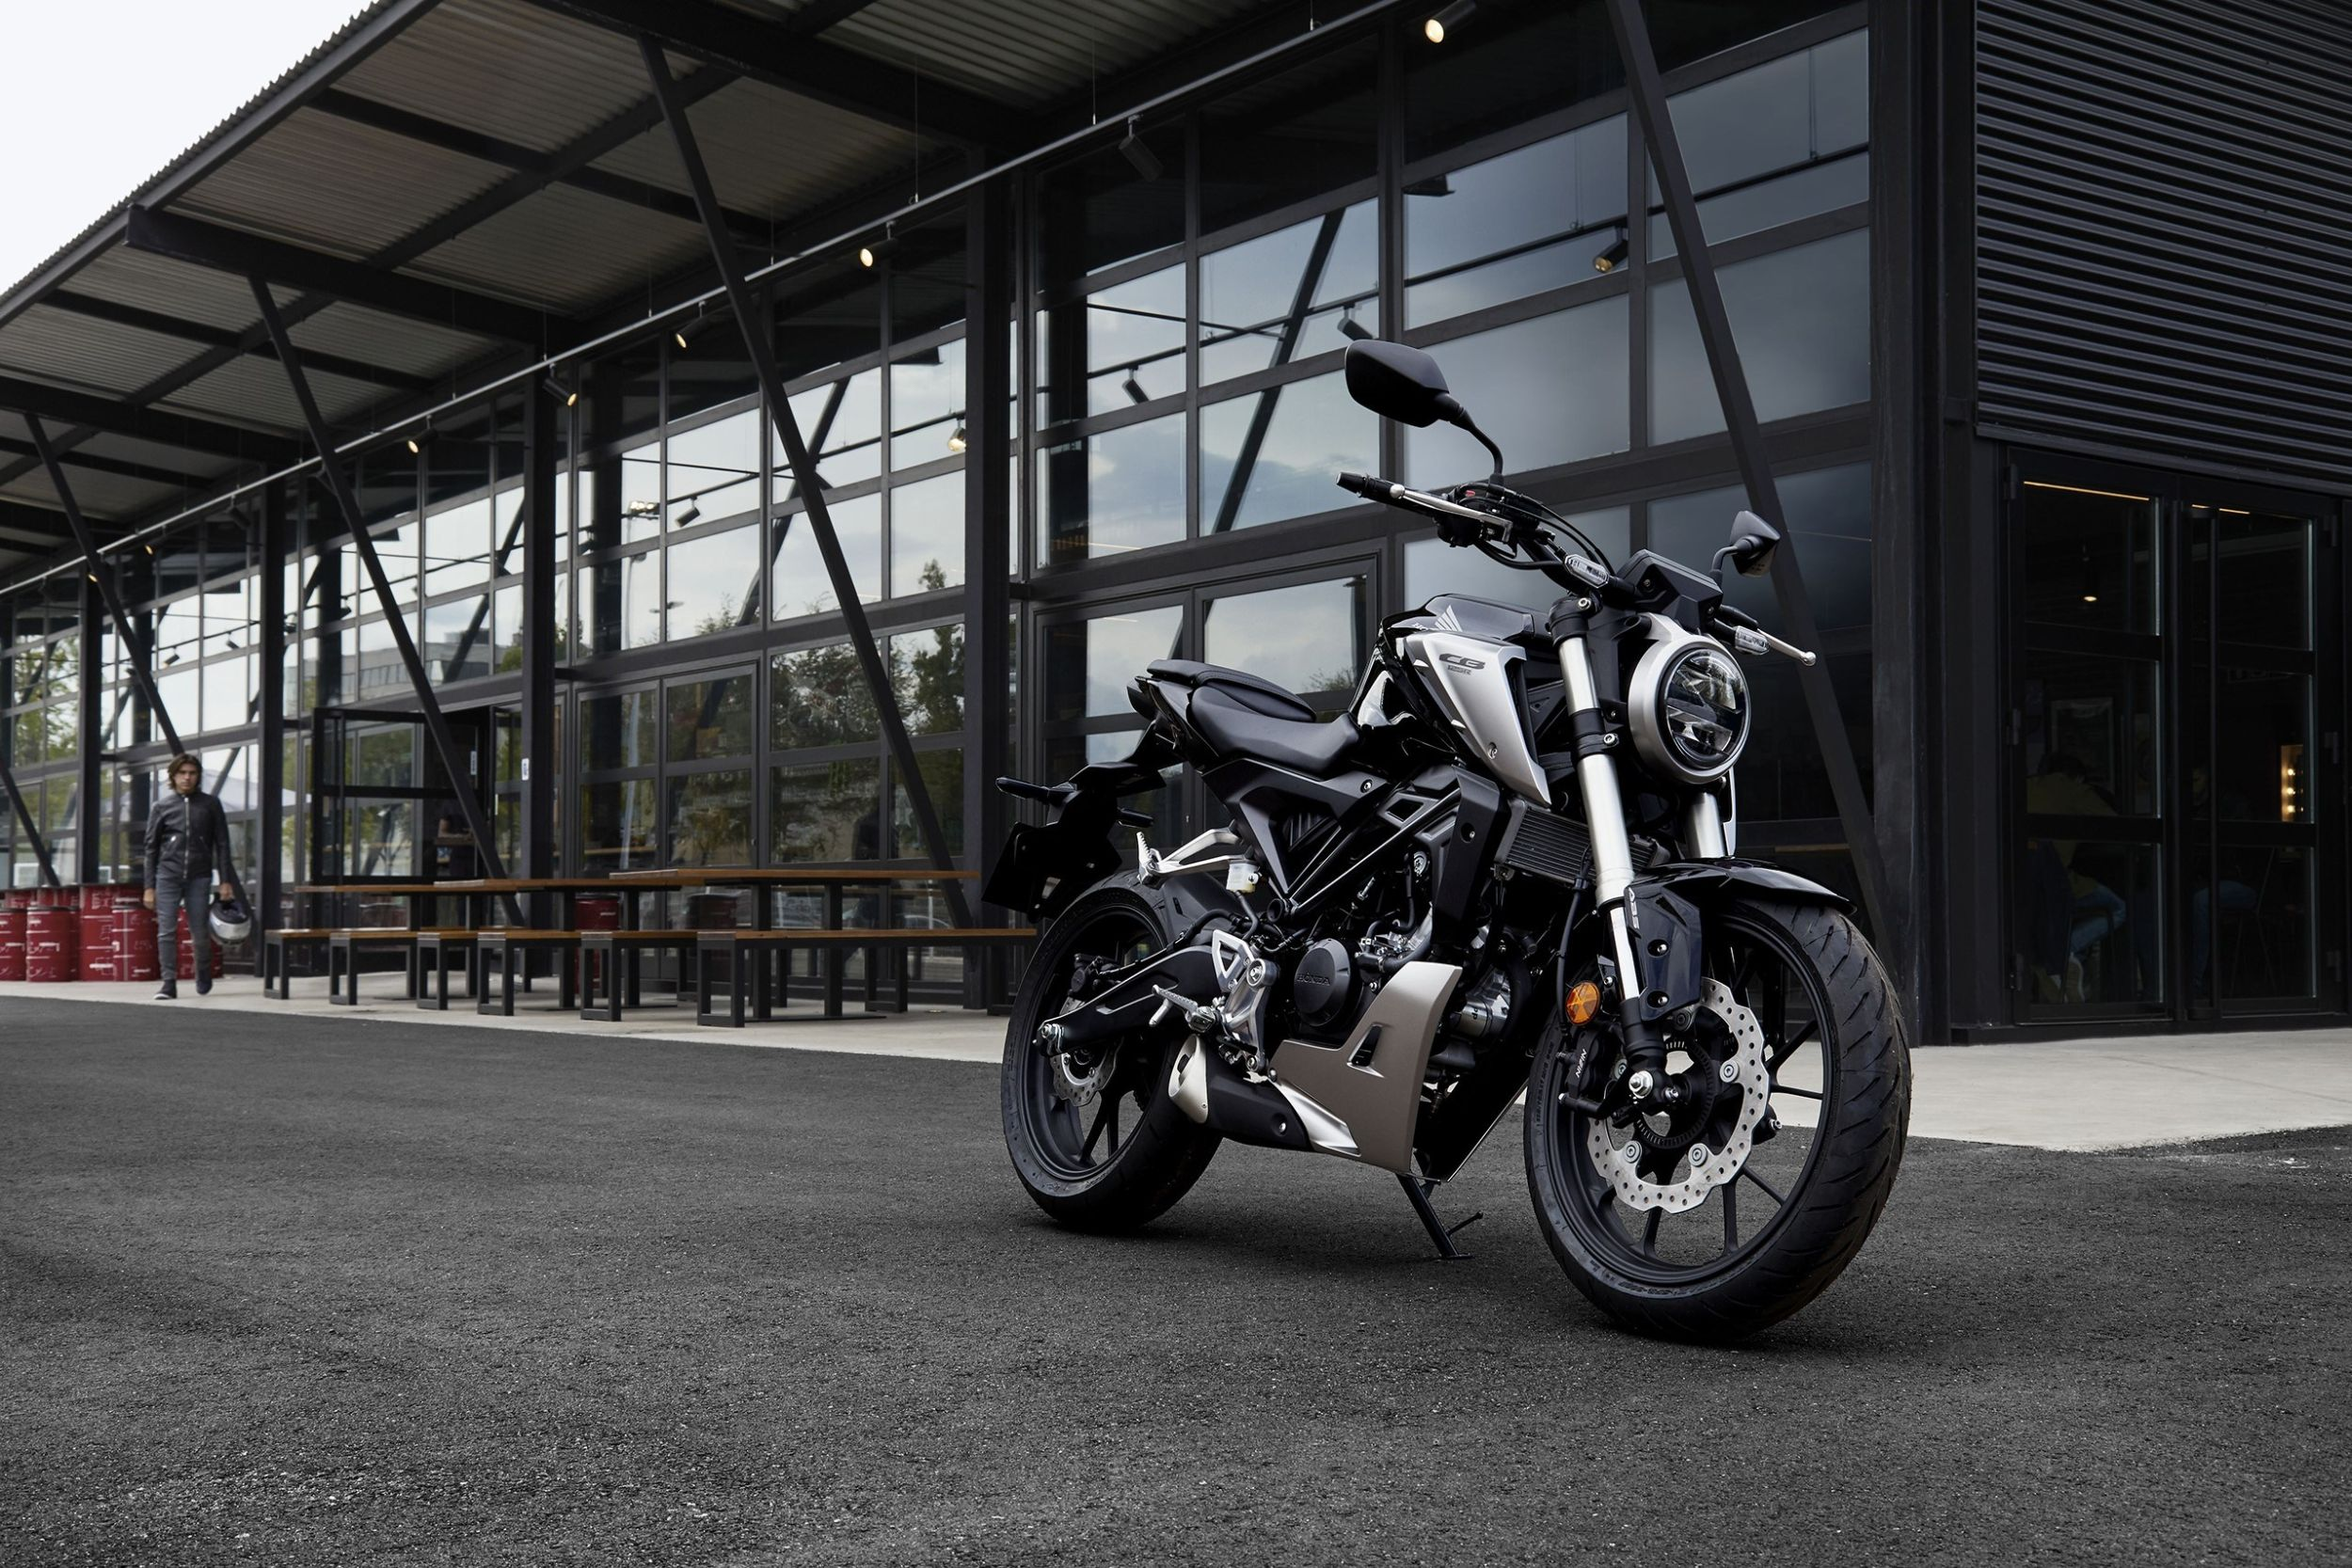 2015 Honda Rebel >> Gebrauchte und neue Honda CB125R Motorräder kaufen